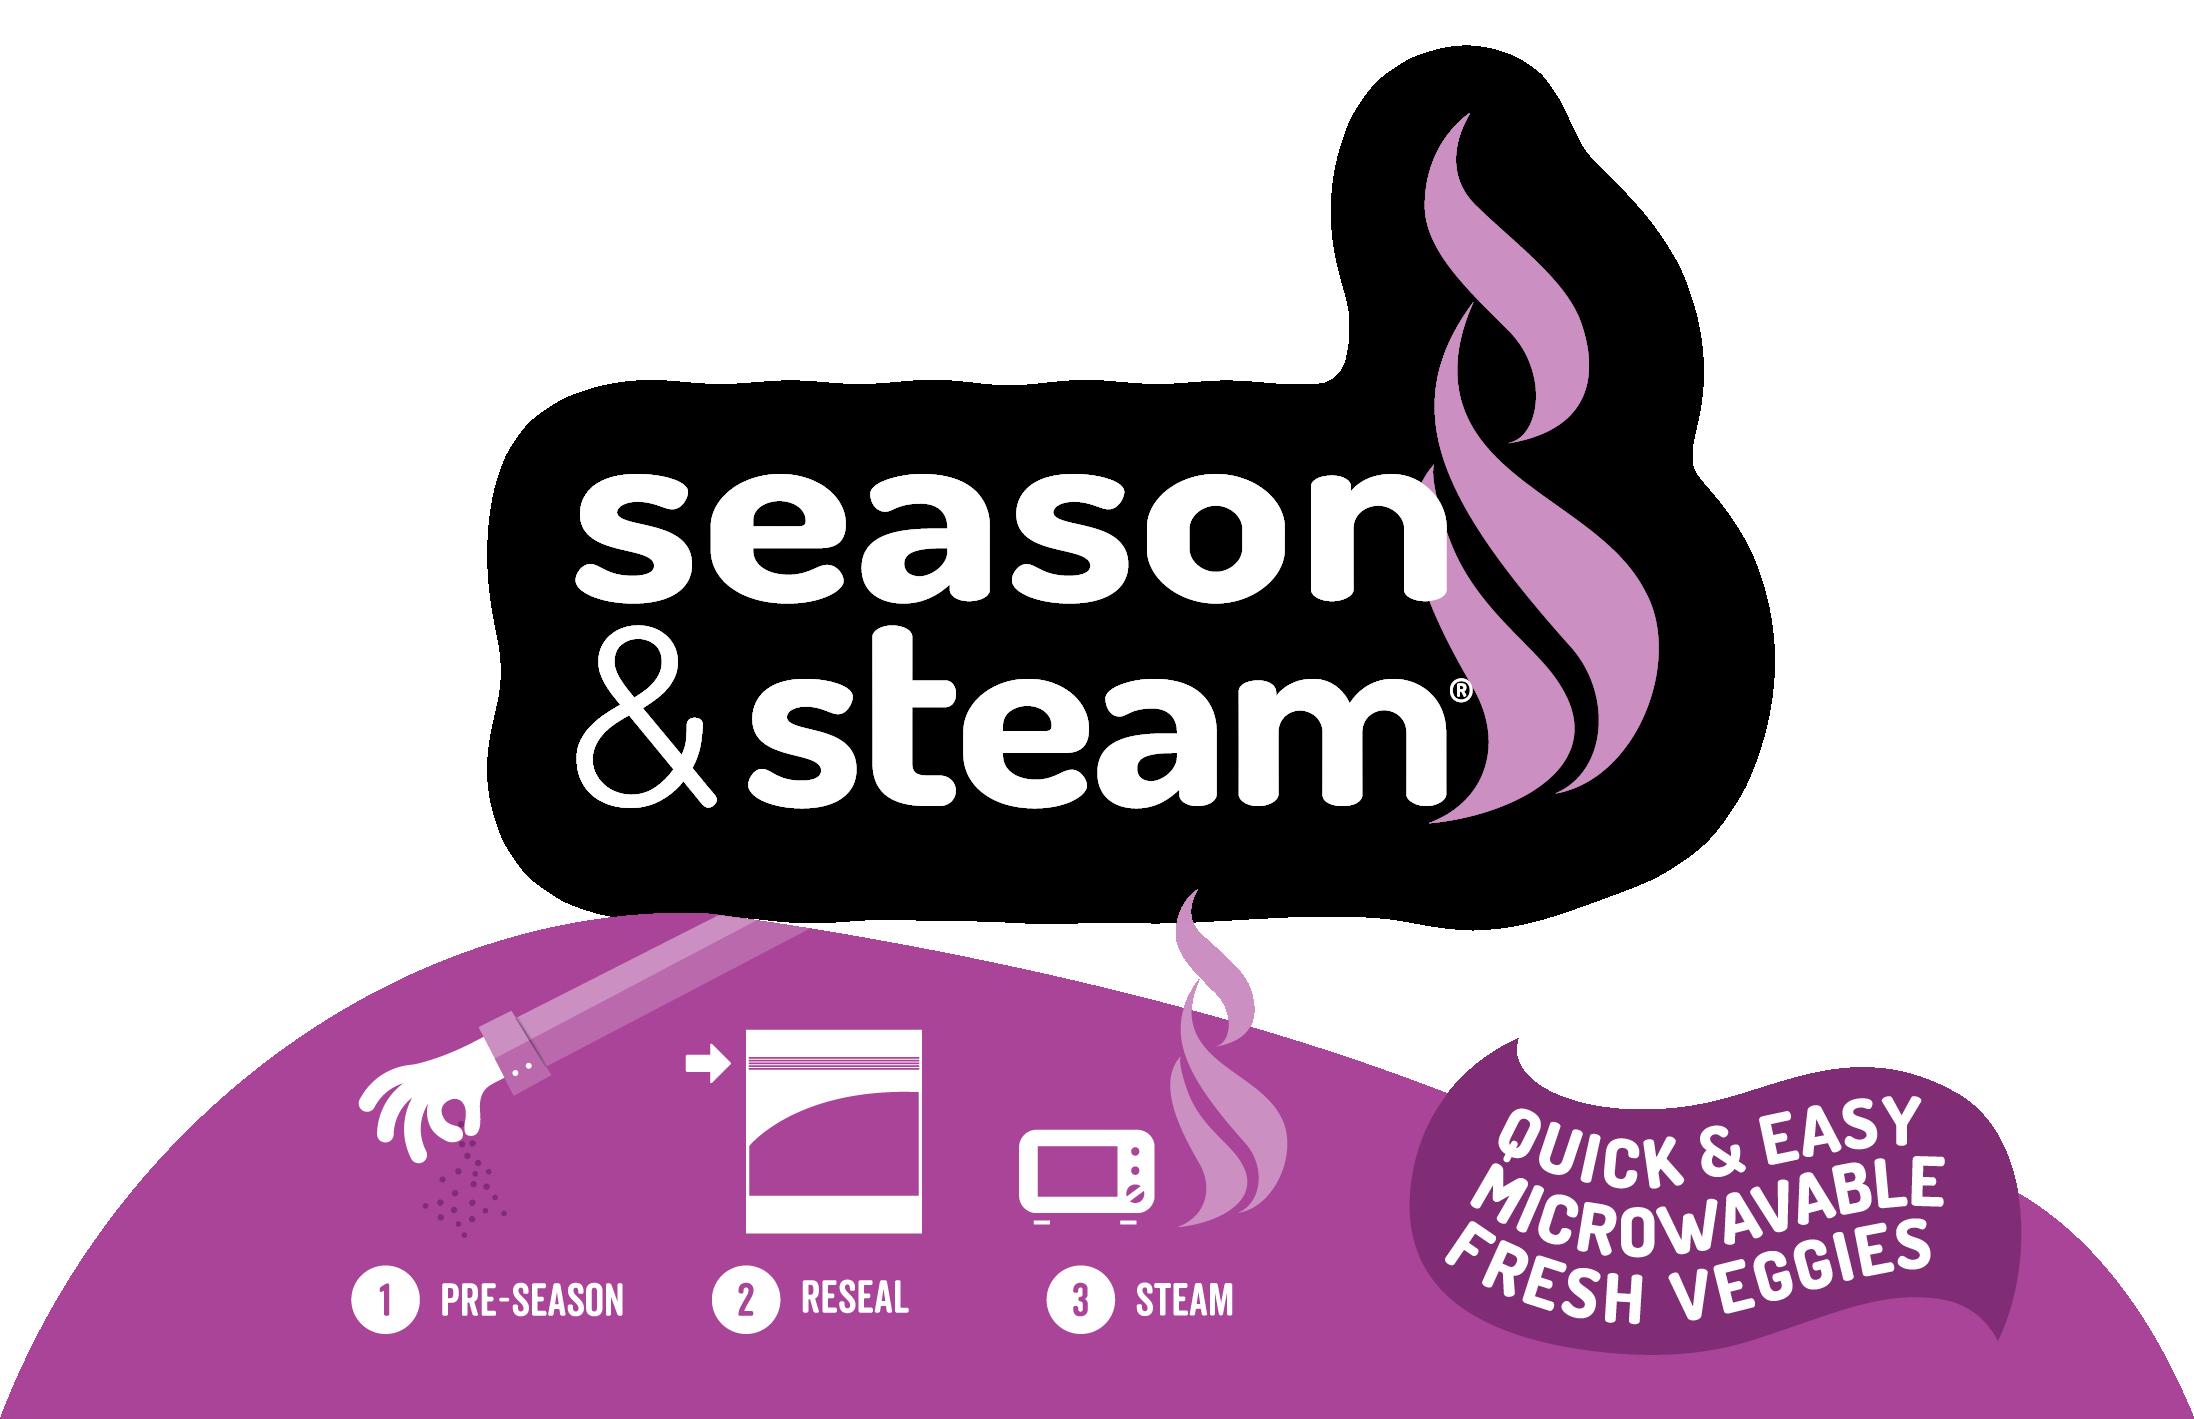 season-steam-lp-logo-new-3